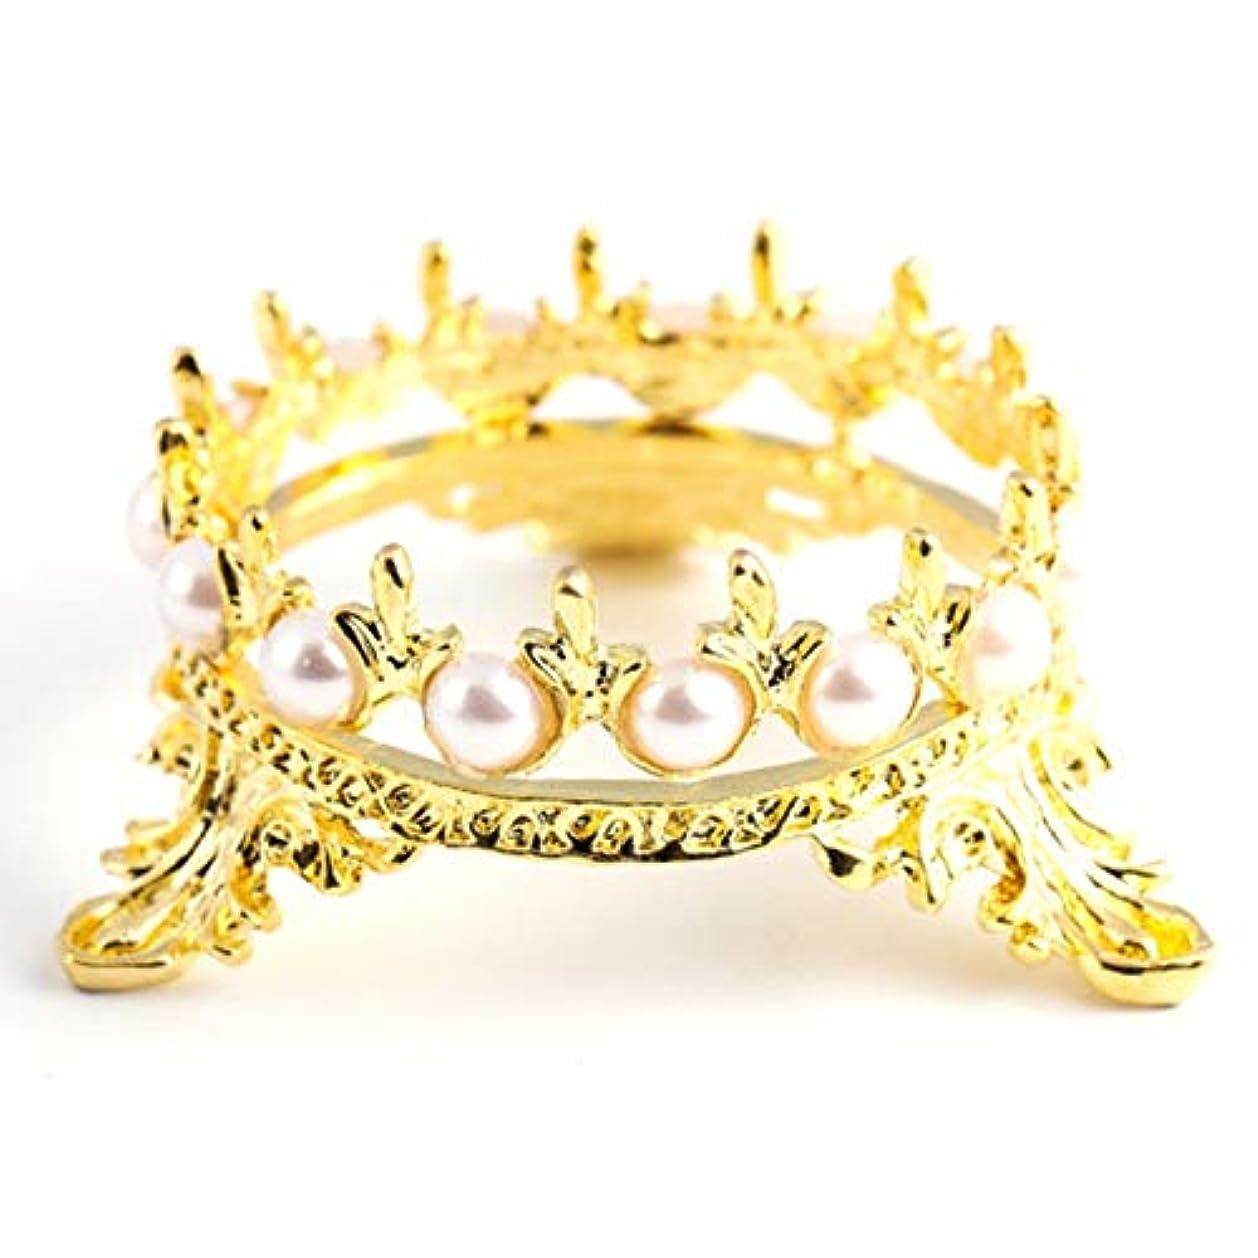 のれん宣言リマYoshilimen 特別1 xクラウンスタンドペンブラシホルダーパールネイルアートペンラックマニキュアネイルアートツール必需品(None Golden Crown Penholder)